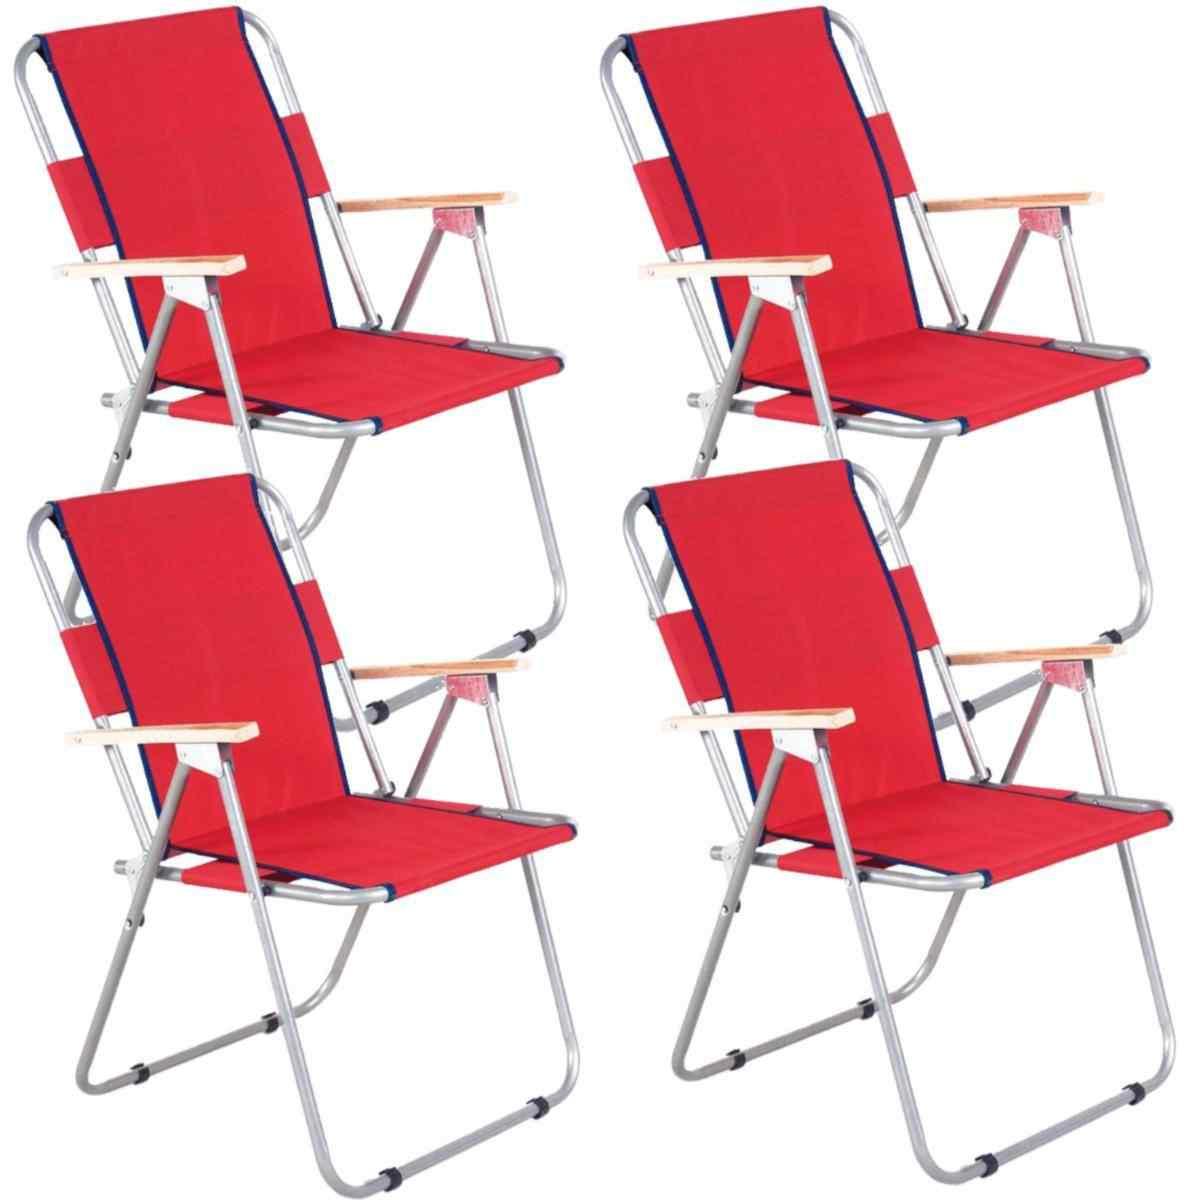 İbiza Ahşap Kollu Sandalye Katlanabilir Piknik Sandalyesi Kırmızı 4 Adet